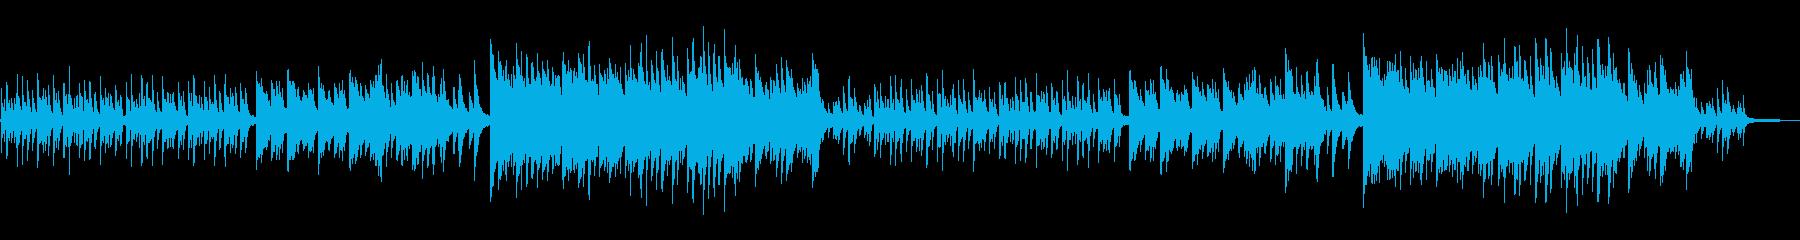 和を感じる切ないピアノソロバラードの再生済みの波形